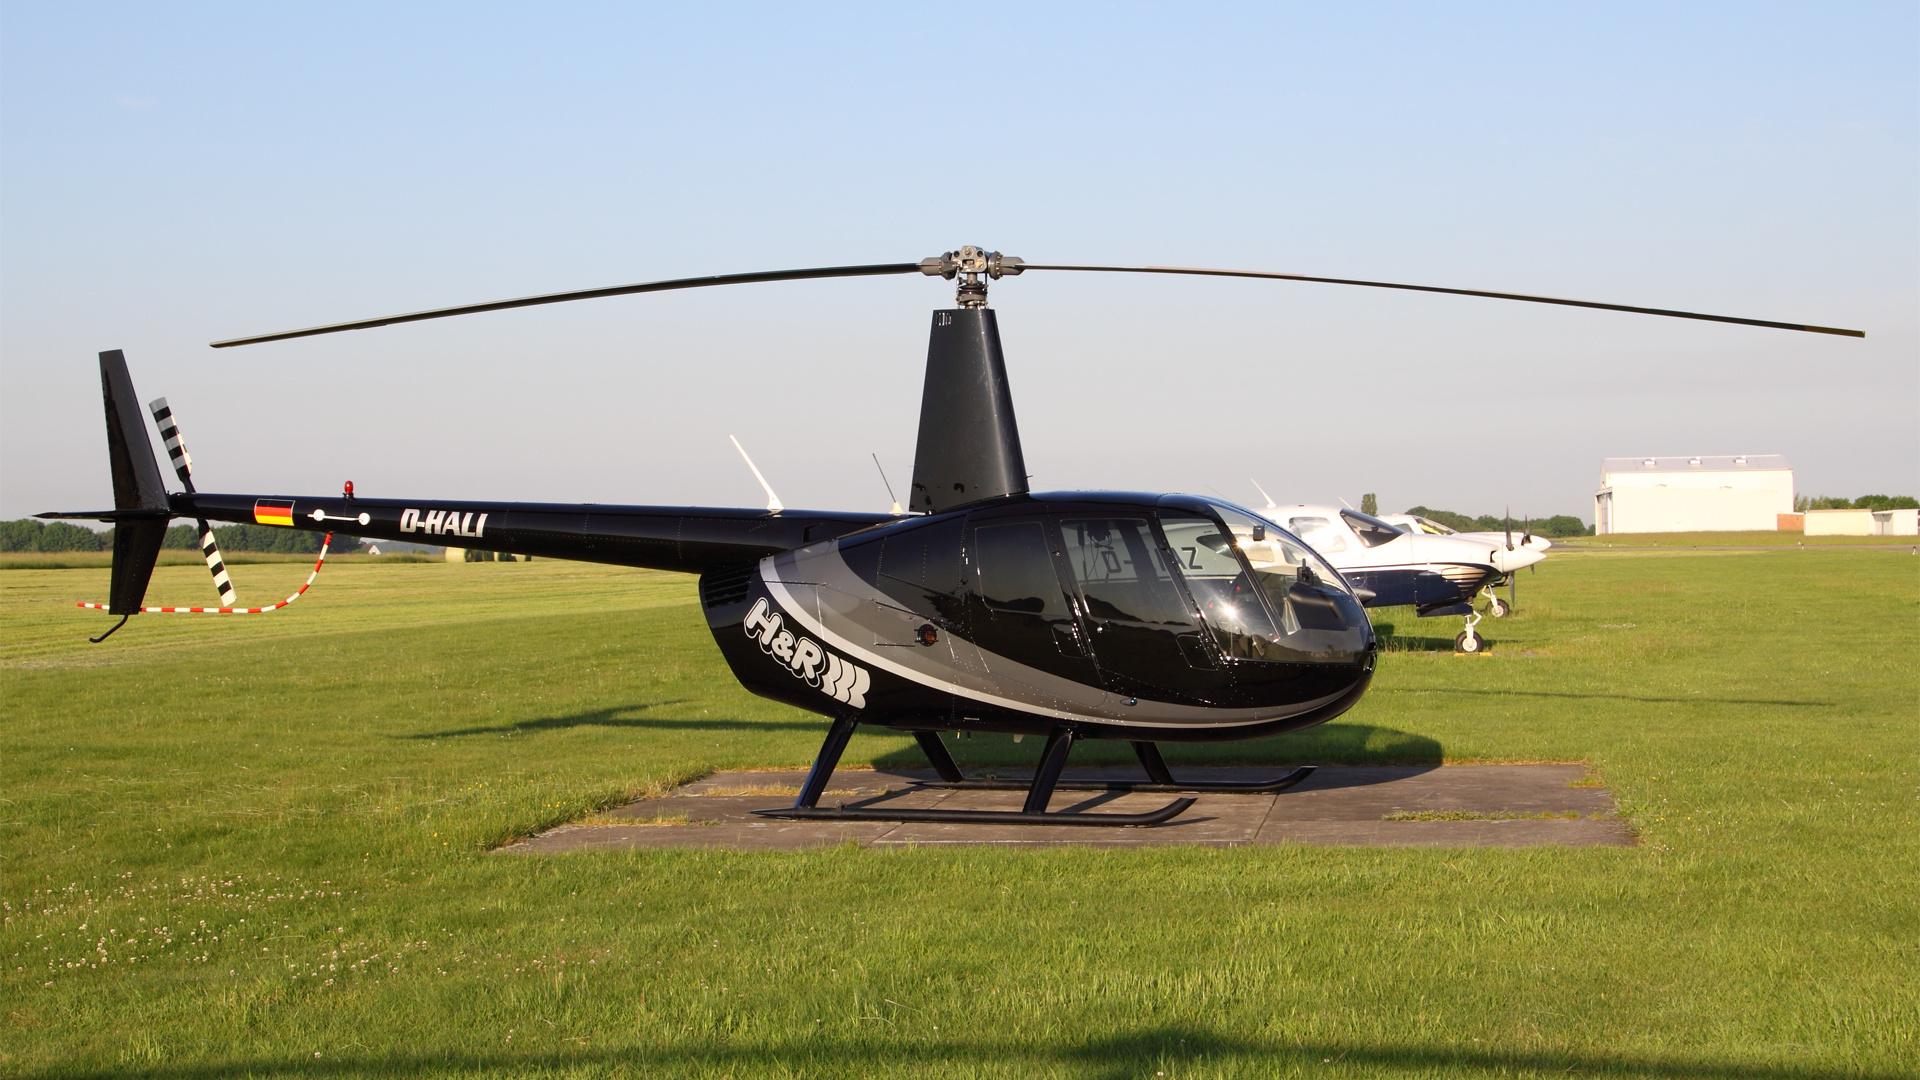 D-HALI-1 R44 ESS 201006